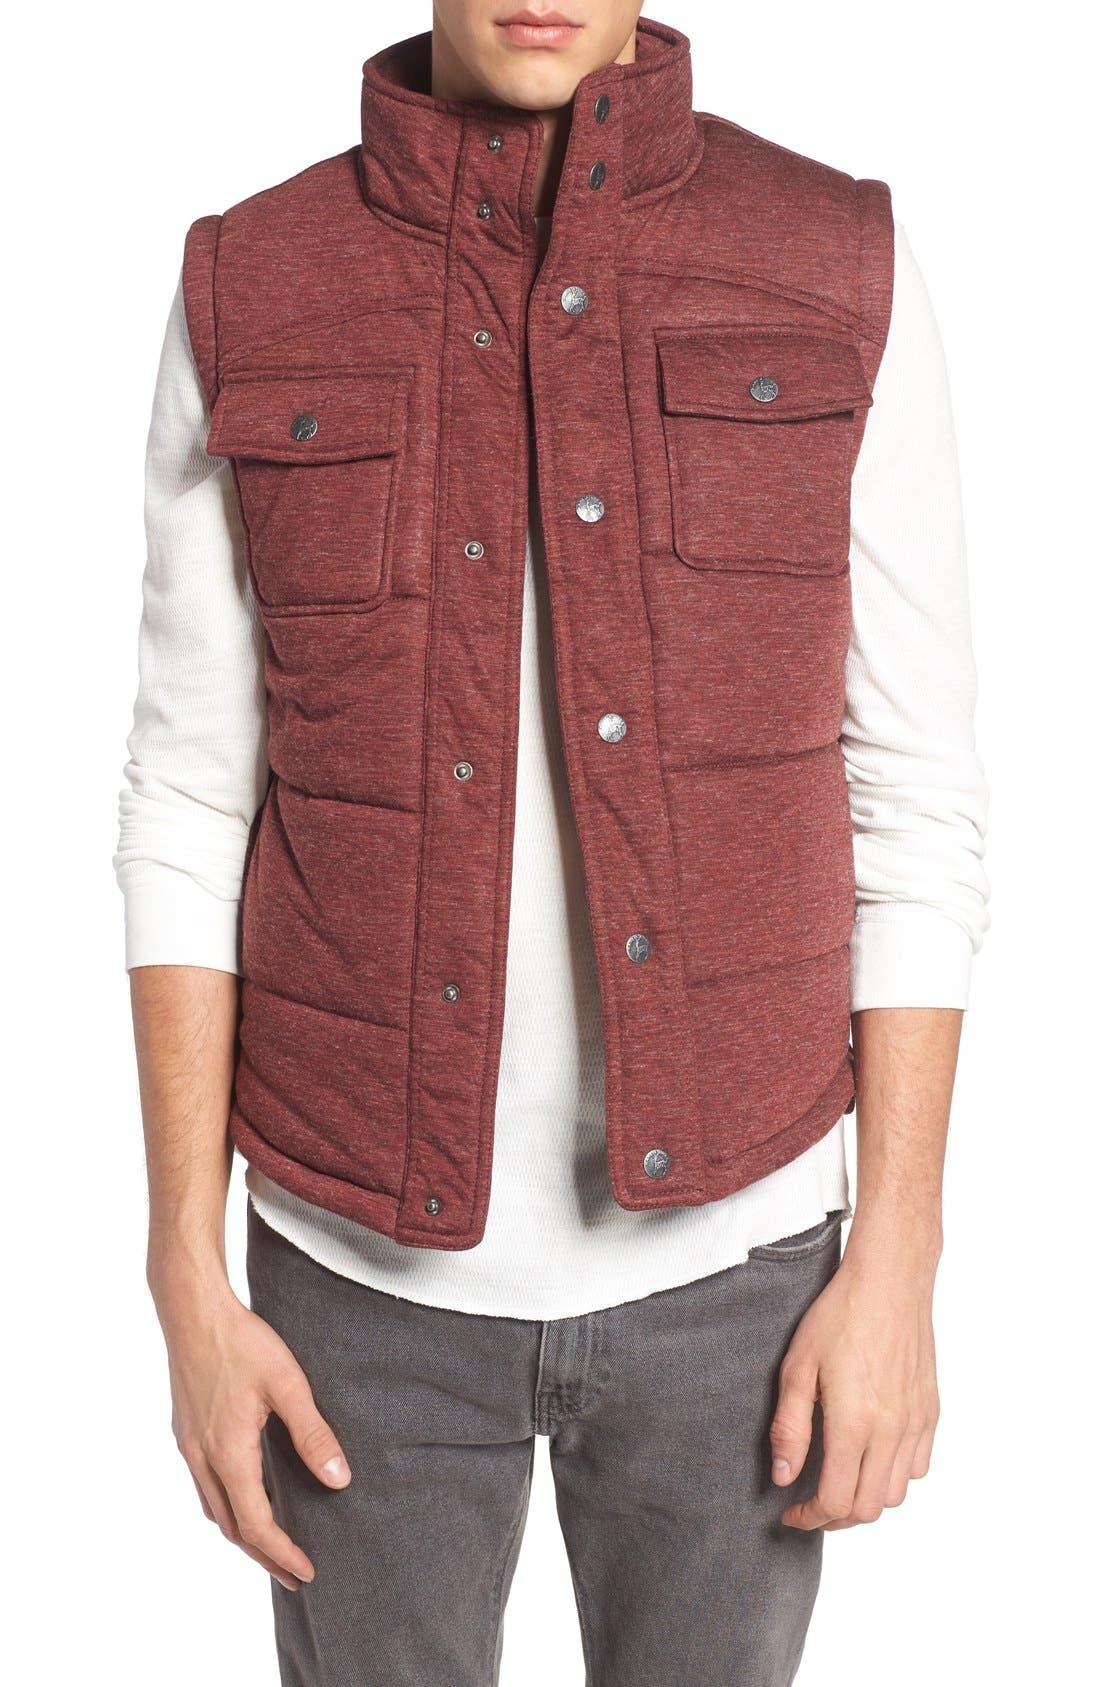 Main Image - Kane & Unke Heathered Jersey Vest